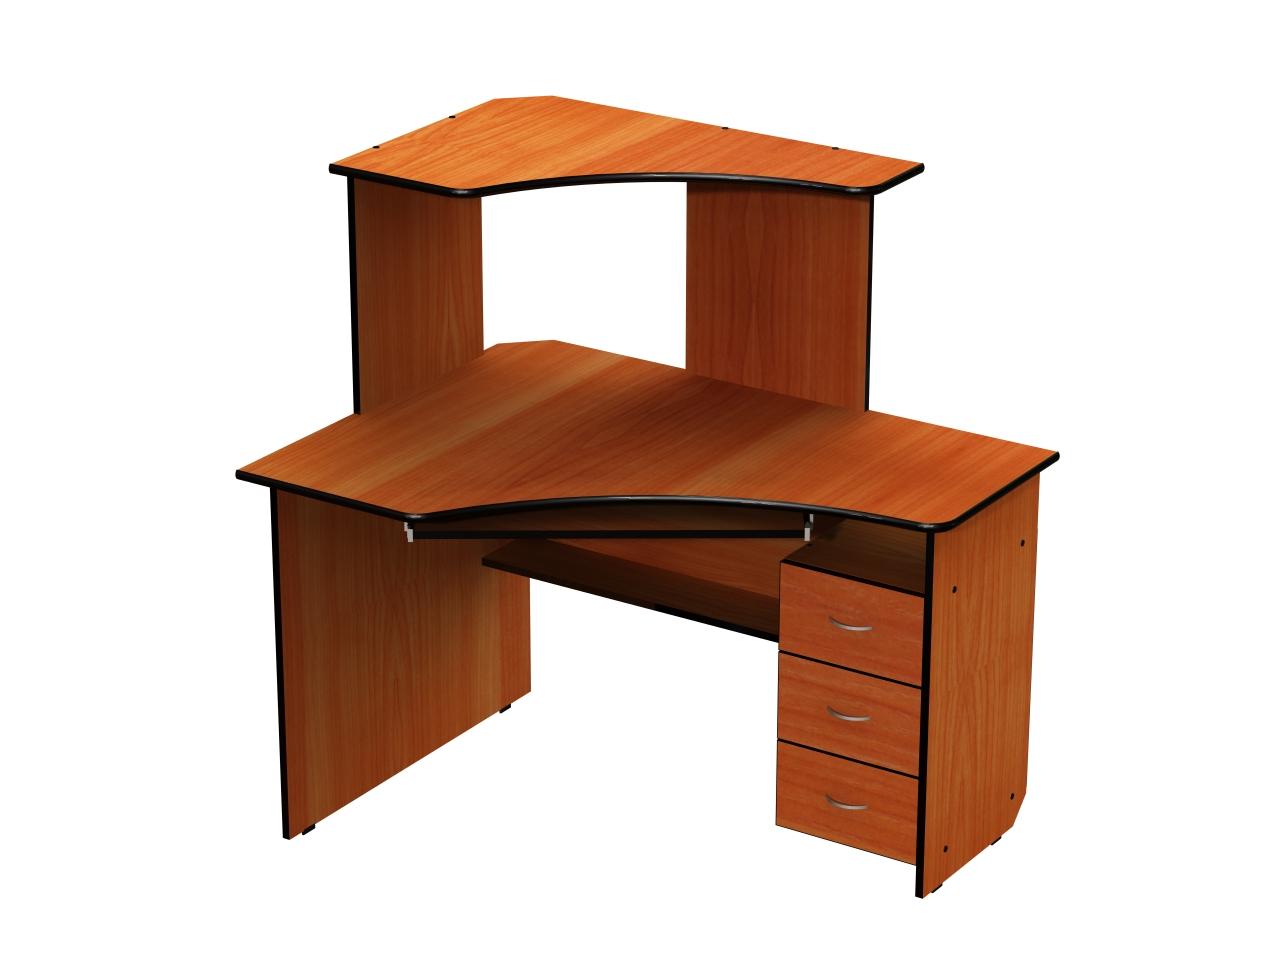 Стол компьютерный угловой (с ящиками).jpg - общий альбом - ф.